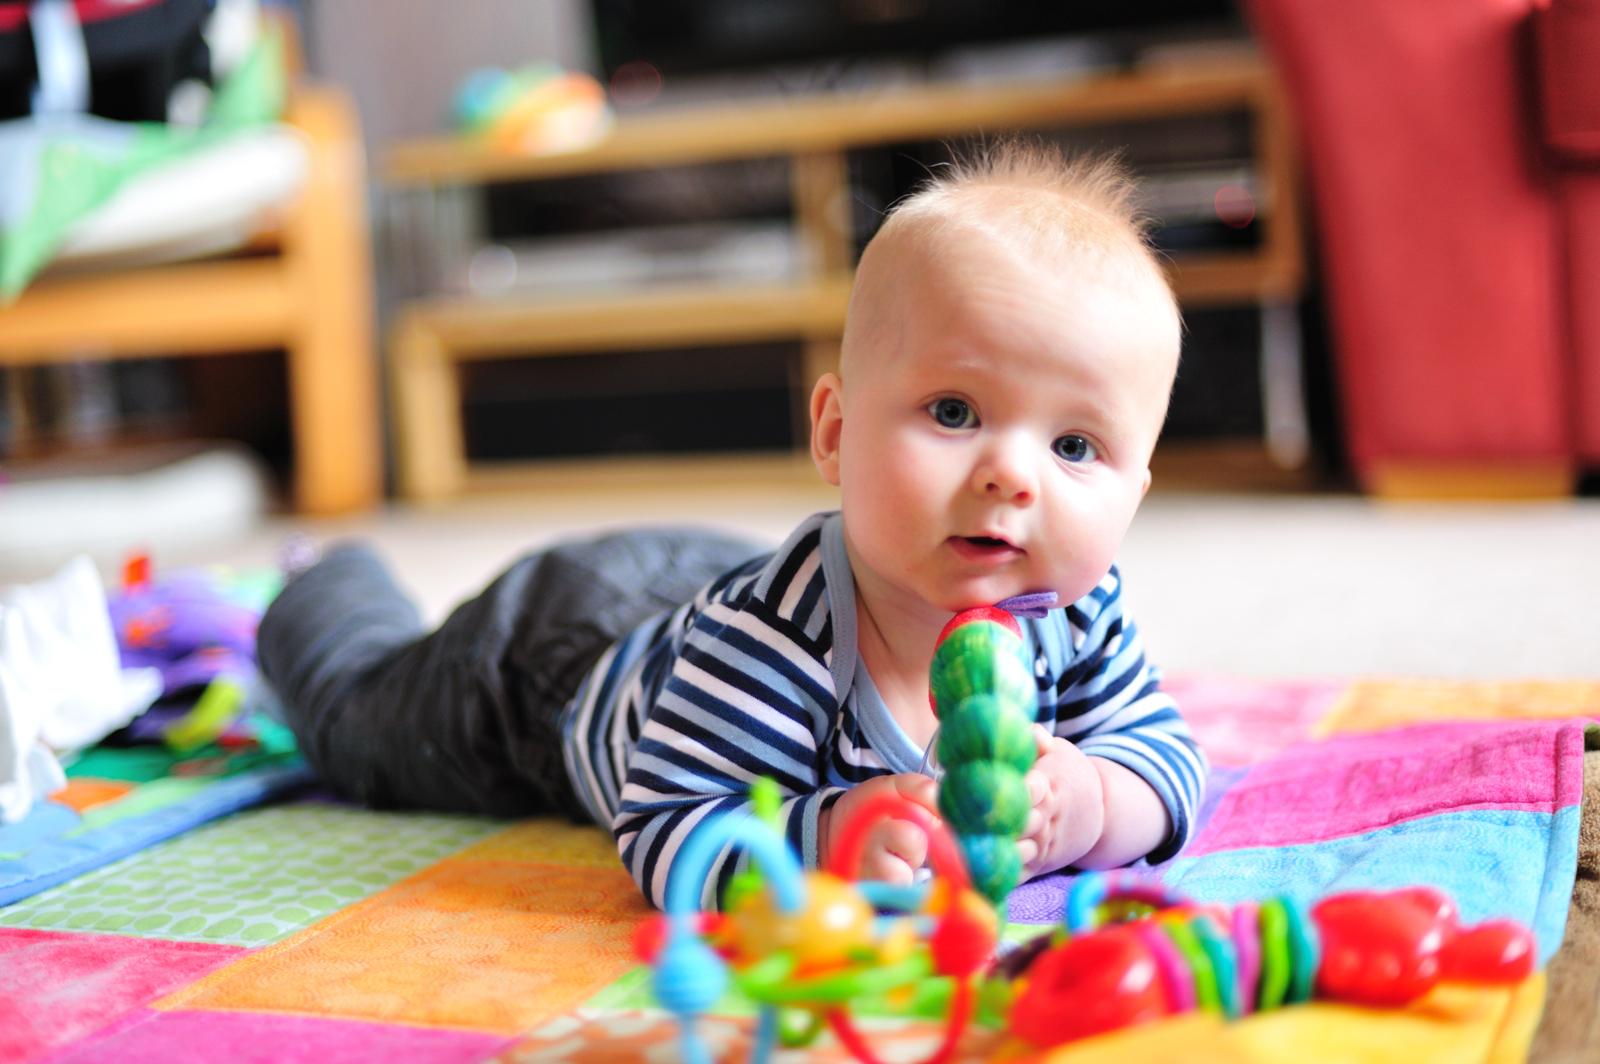 Консультация на тему - ребенок в 9 месяцев не определяет предметы - здравствуйте!моему сынишке 9 месяцев,я читала,что в этом возрасте ребенок должен на вопрос где?